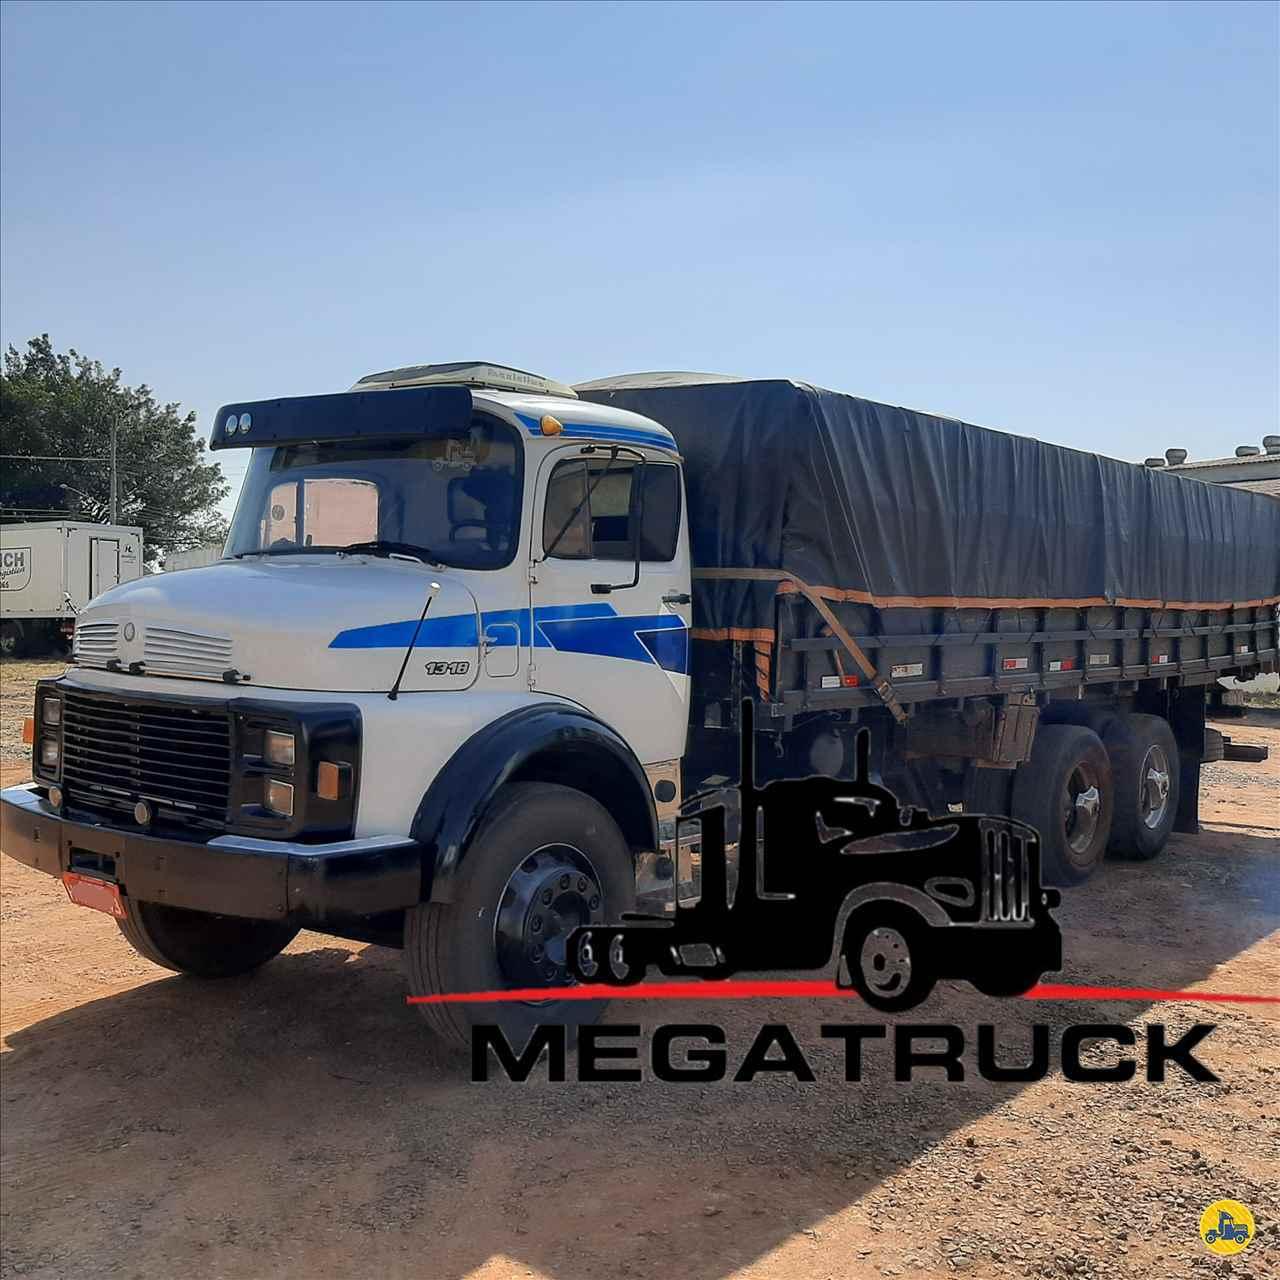 CAMINHAO MERCEDES-BENZ MB 1318 Graneleiro Truck 6x2 Megatruck Caminhões e Máquinas CAMPO GRANDE MATO GROSSO DO SUL MS